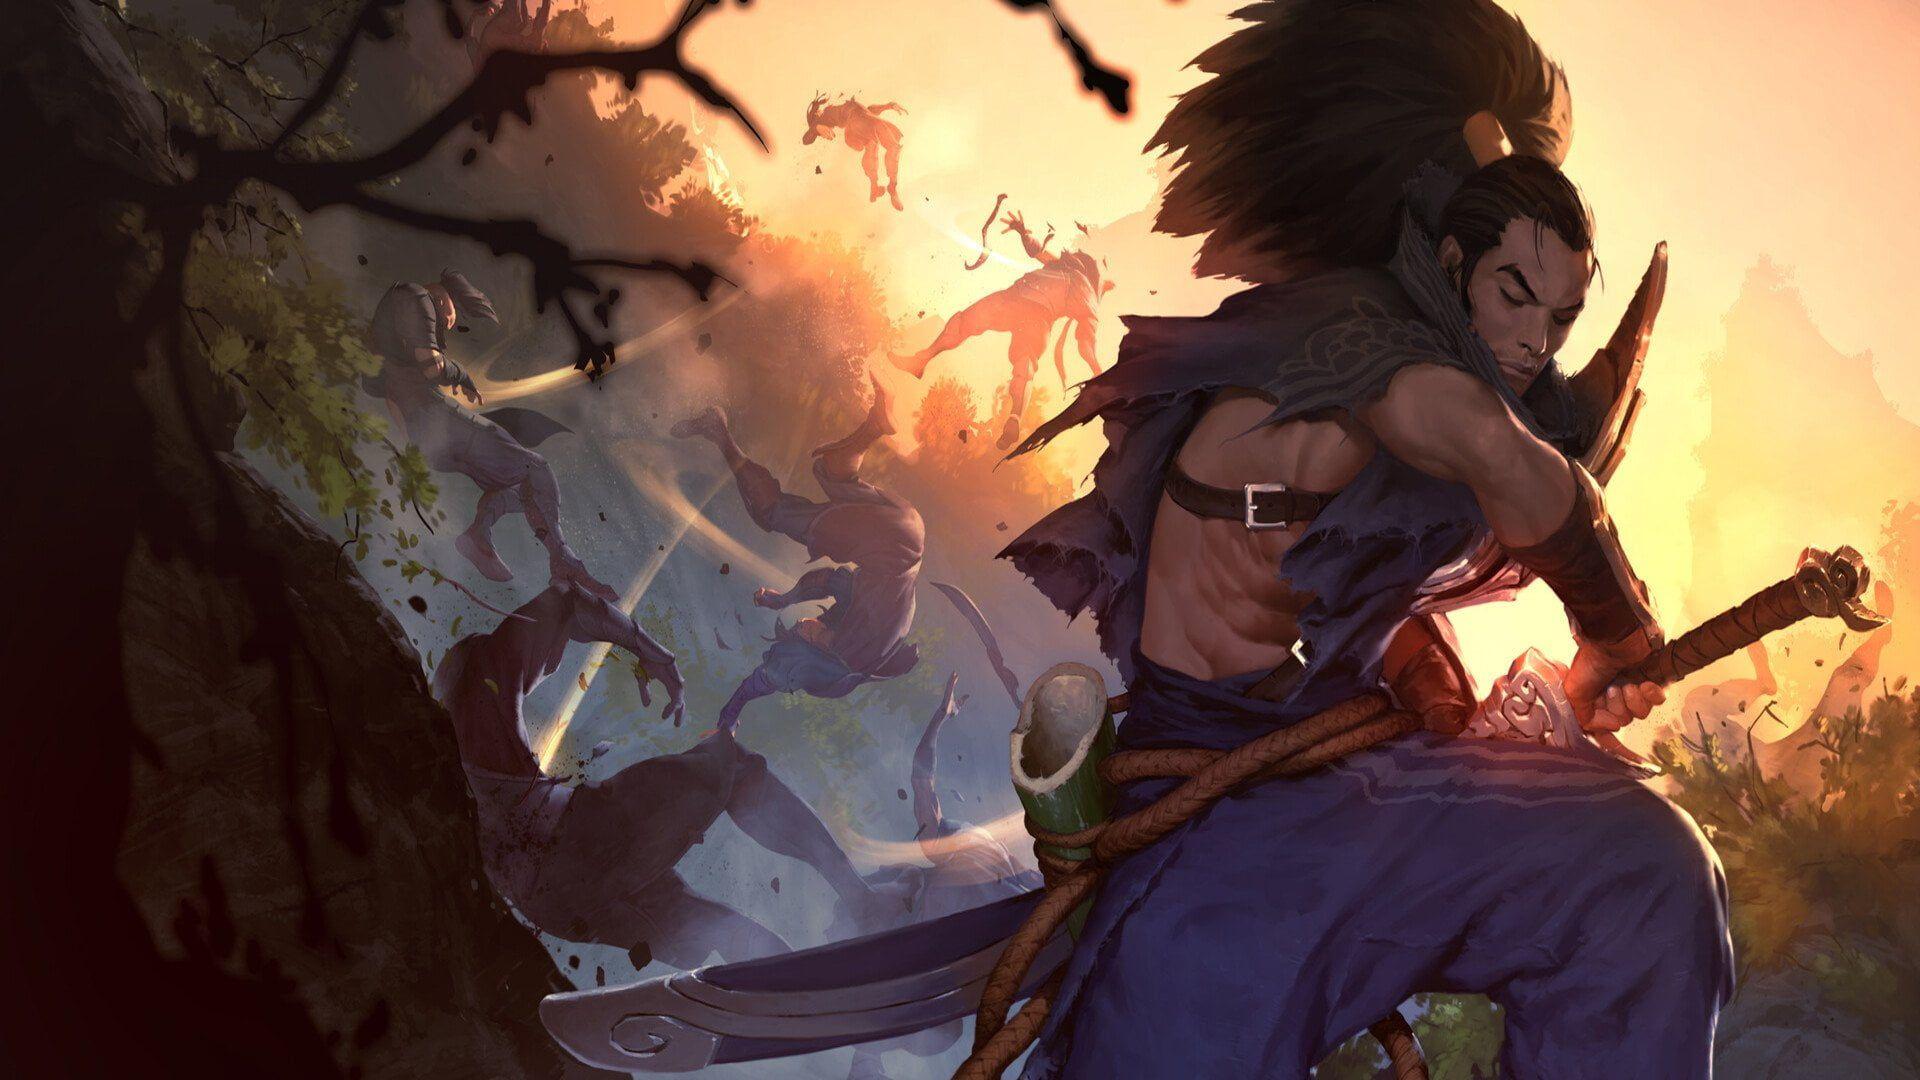 Legends Of Runeterra Yasuo League Of Legends 1080p Wallpaper Hdwallpaper Desktop